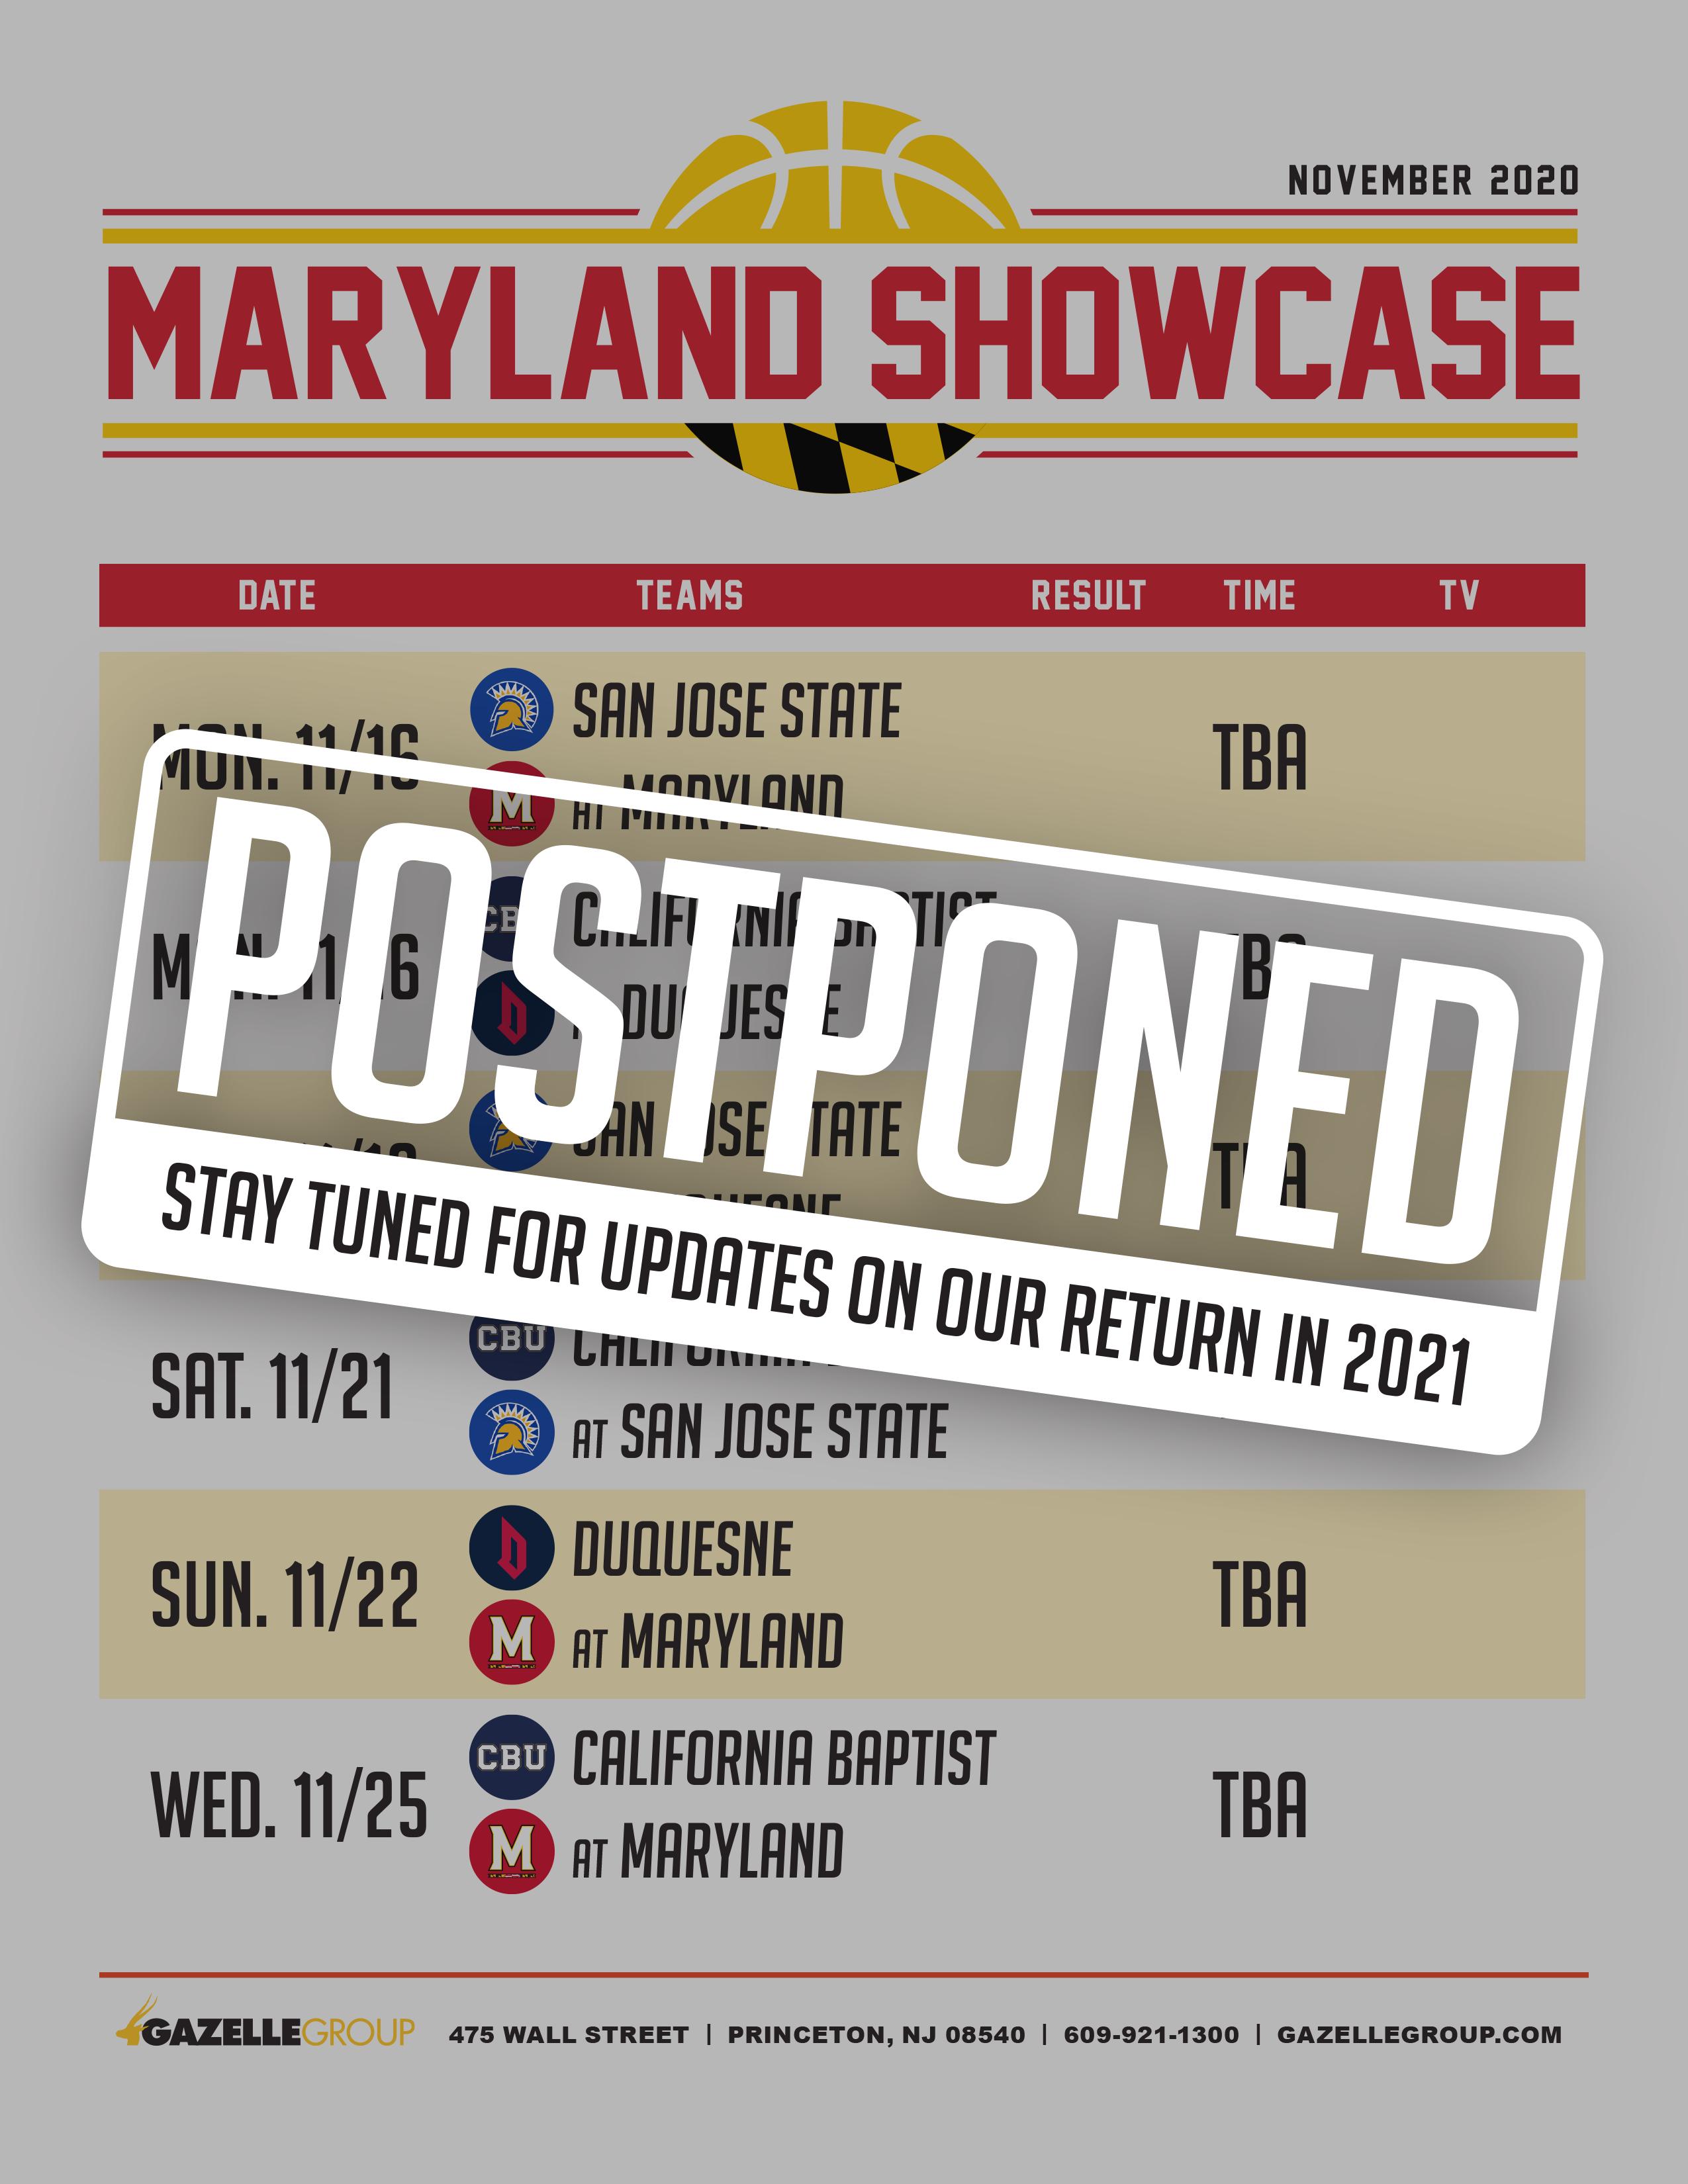 Maryland Showcase Schedule